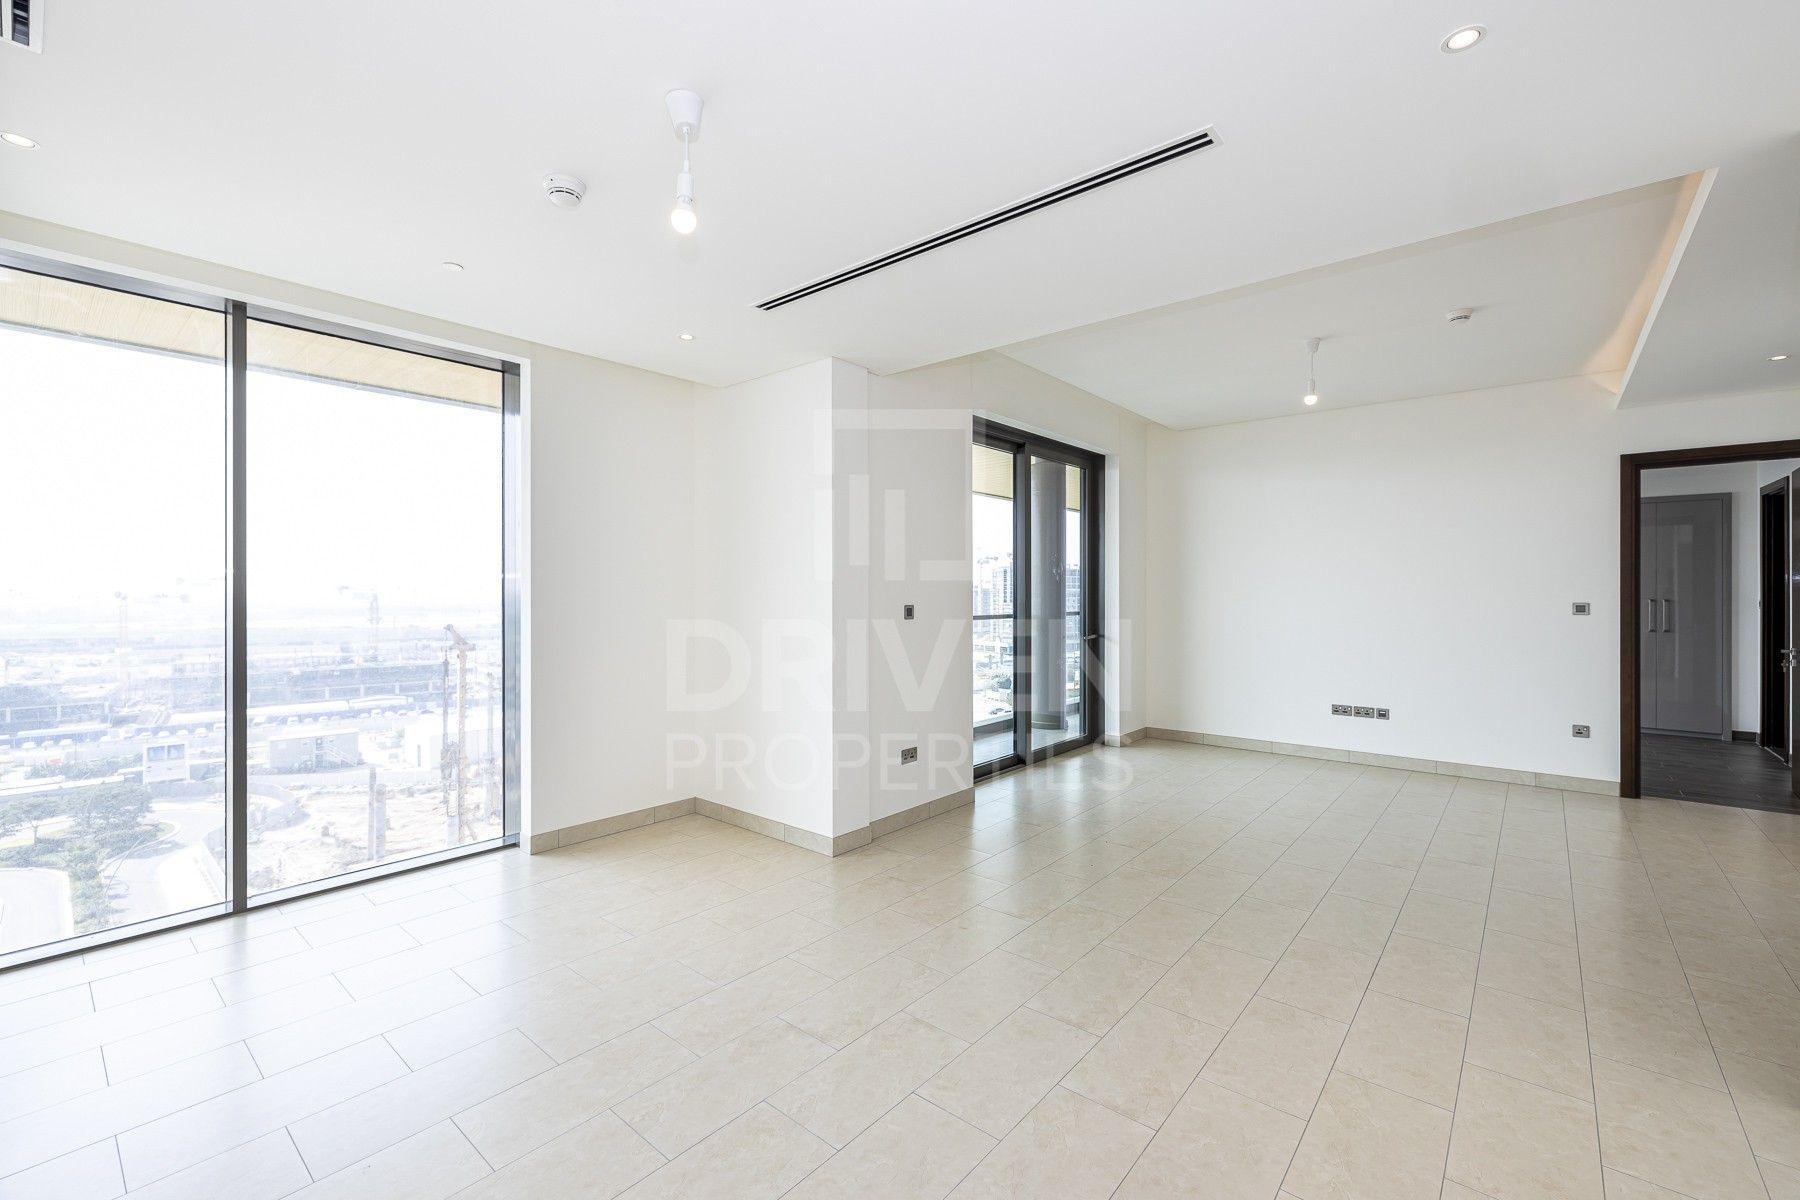 1,434 قدم مربع  شقة - للبيع - مدينة الشيخ محمد بن راشد